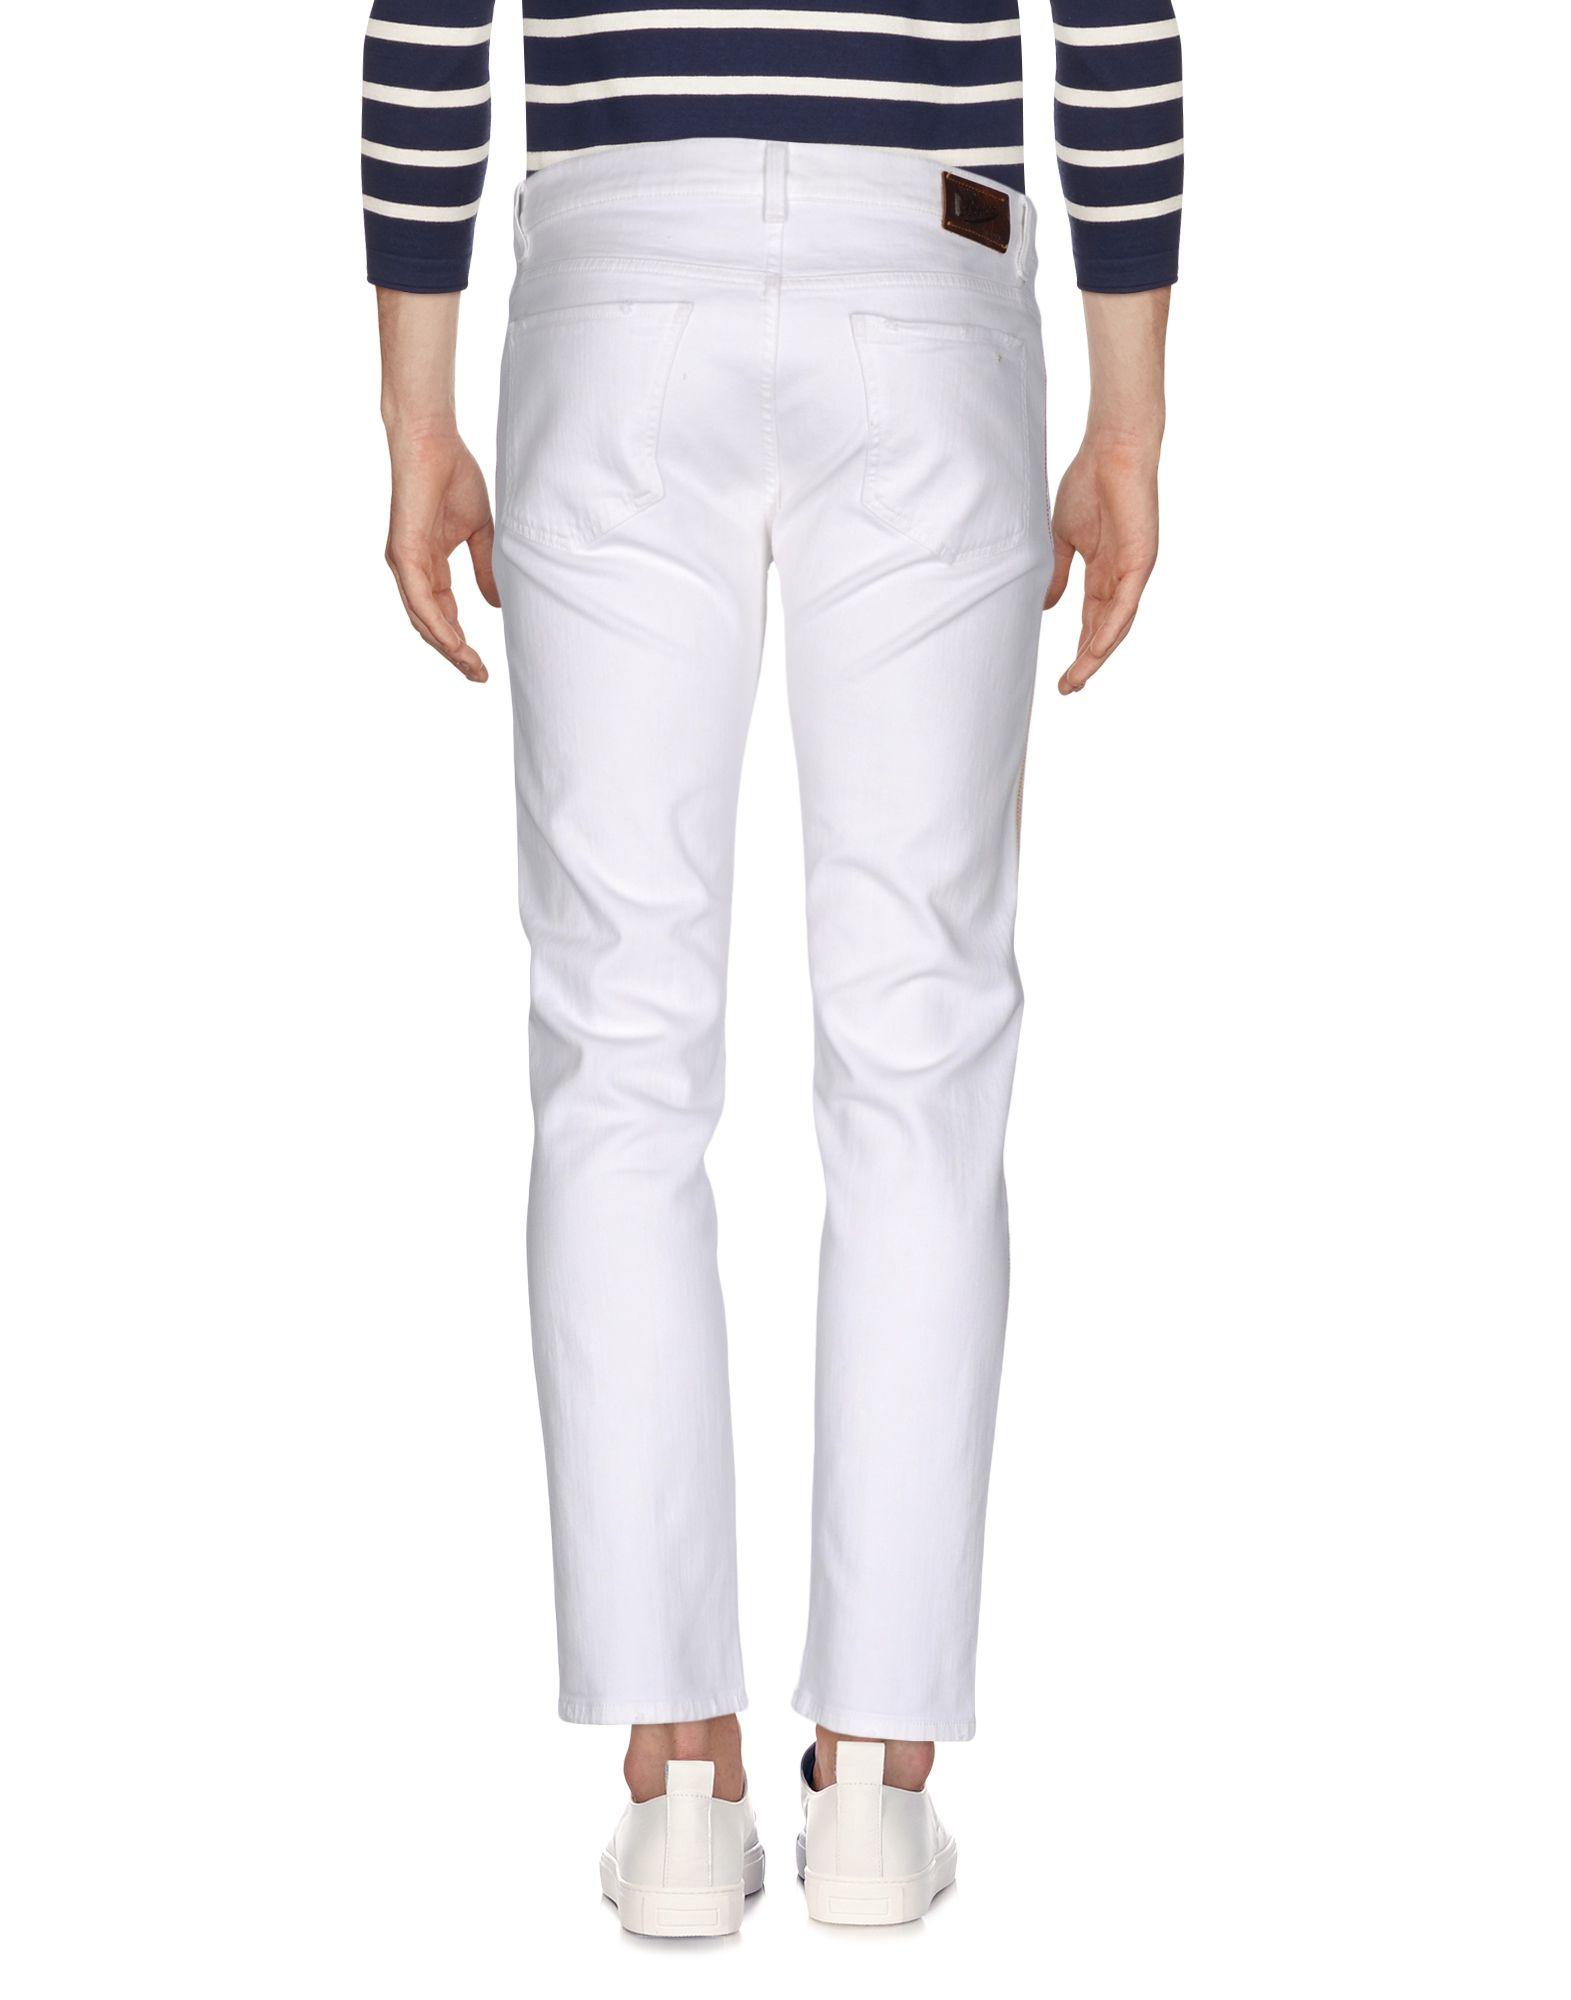 Pantaloni Jeans Pence Uomo Uomo Pence - 42555447LG d8d7f8